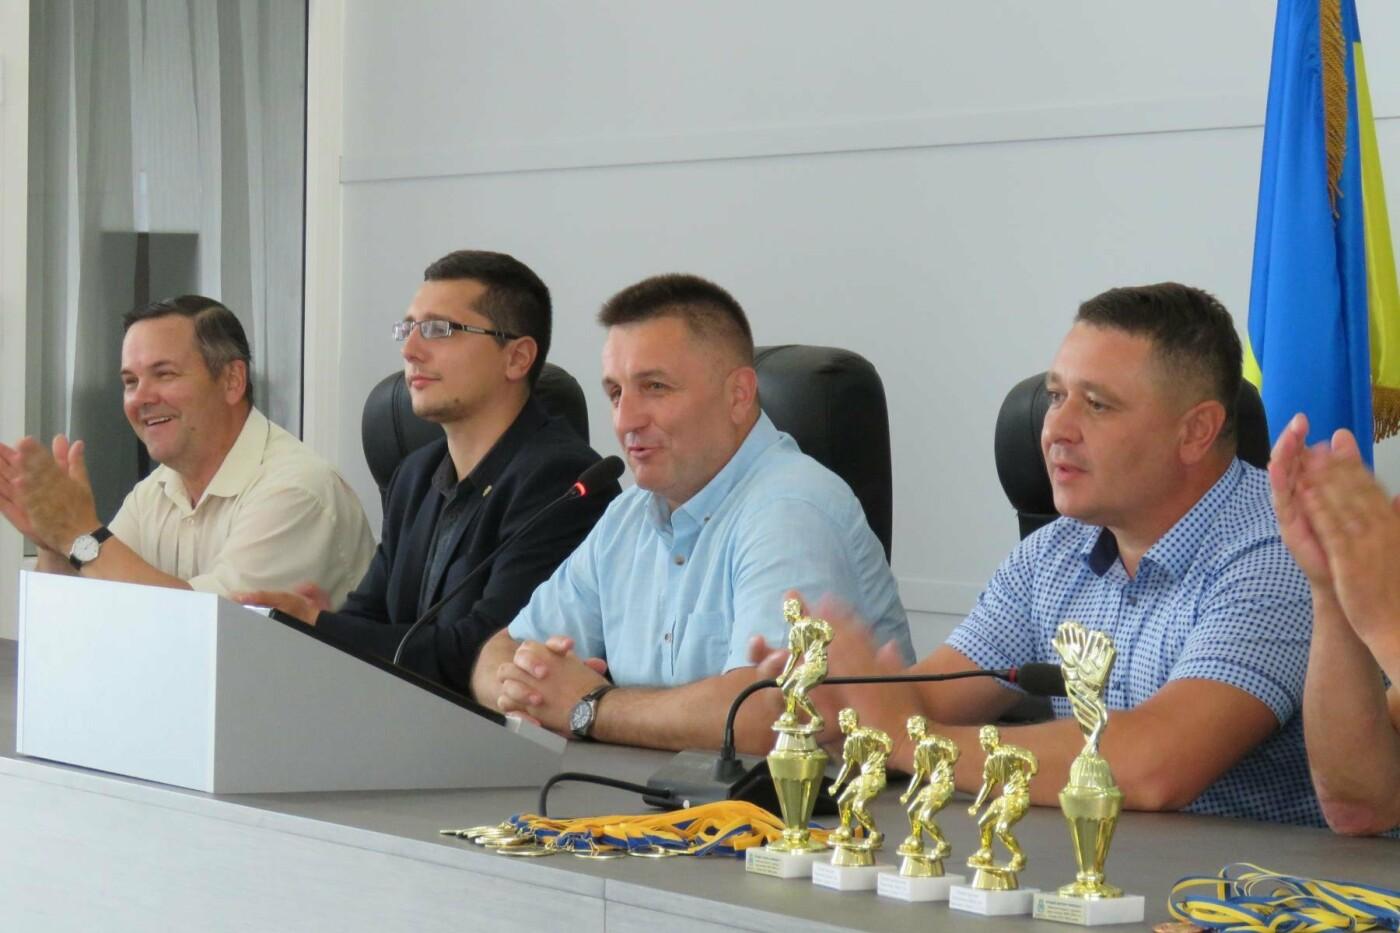 ФК «Арсенал-Біла Церква» став чемпіоном Київщини з футболу